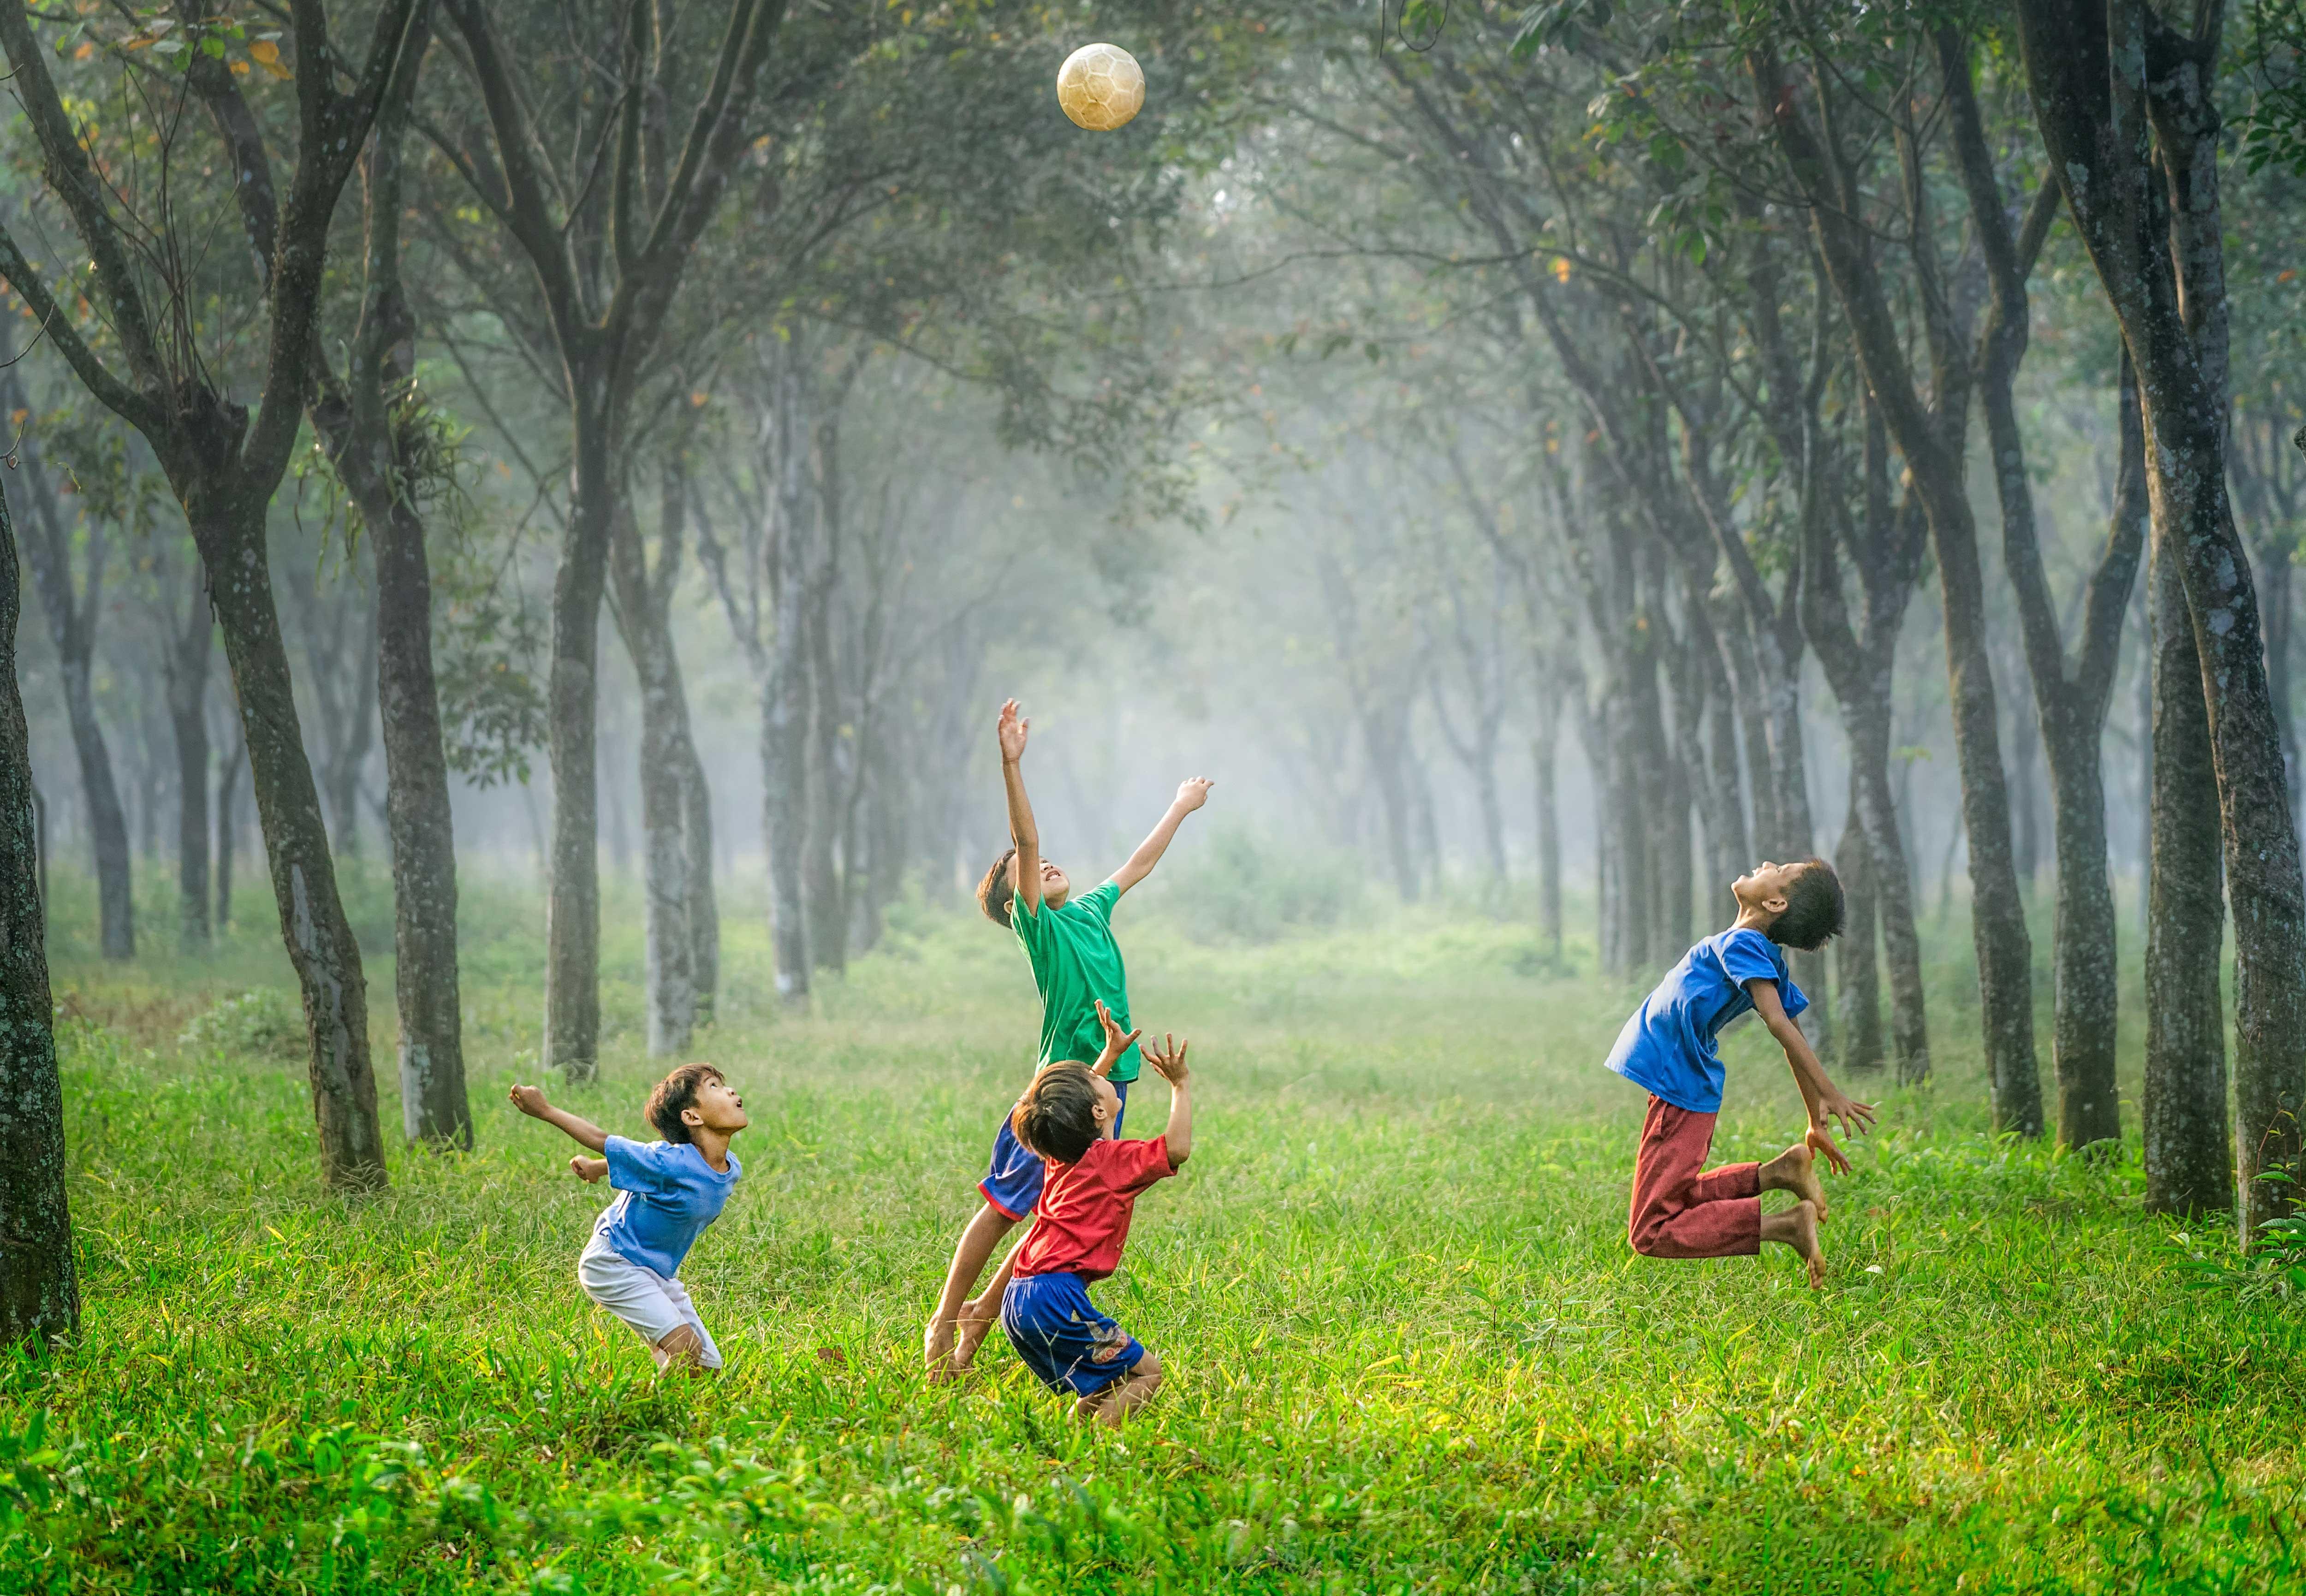 ילדים משחקים ביחד